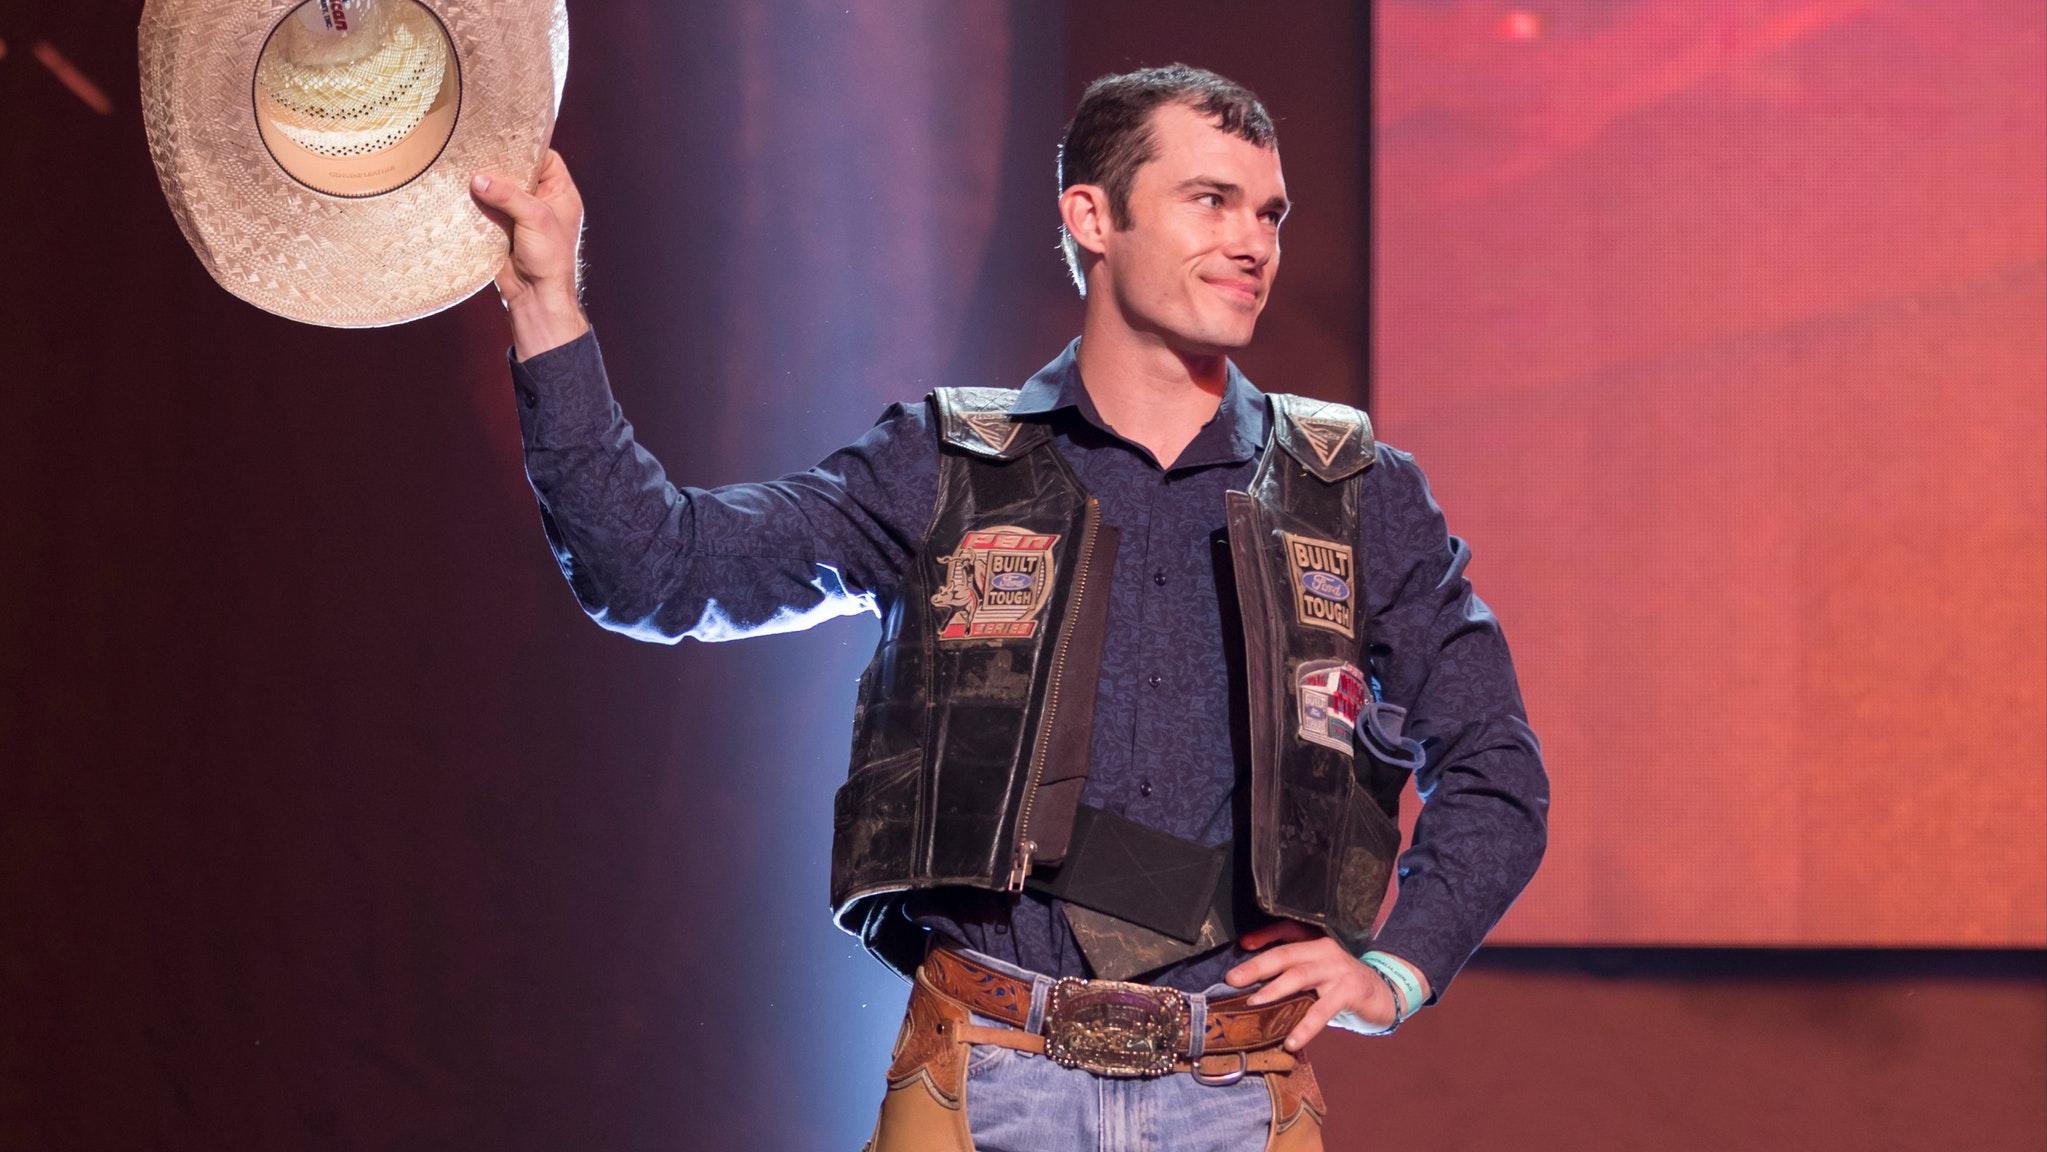 Cody Heffernan